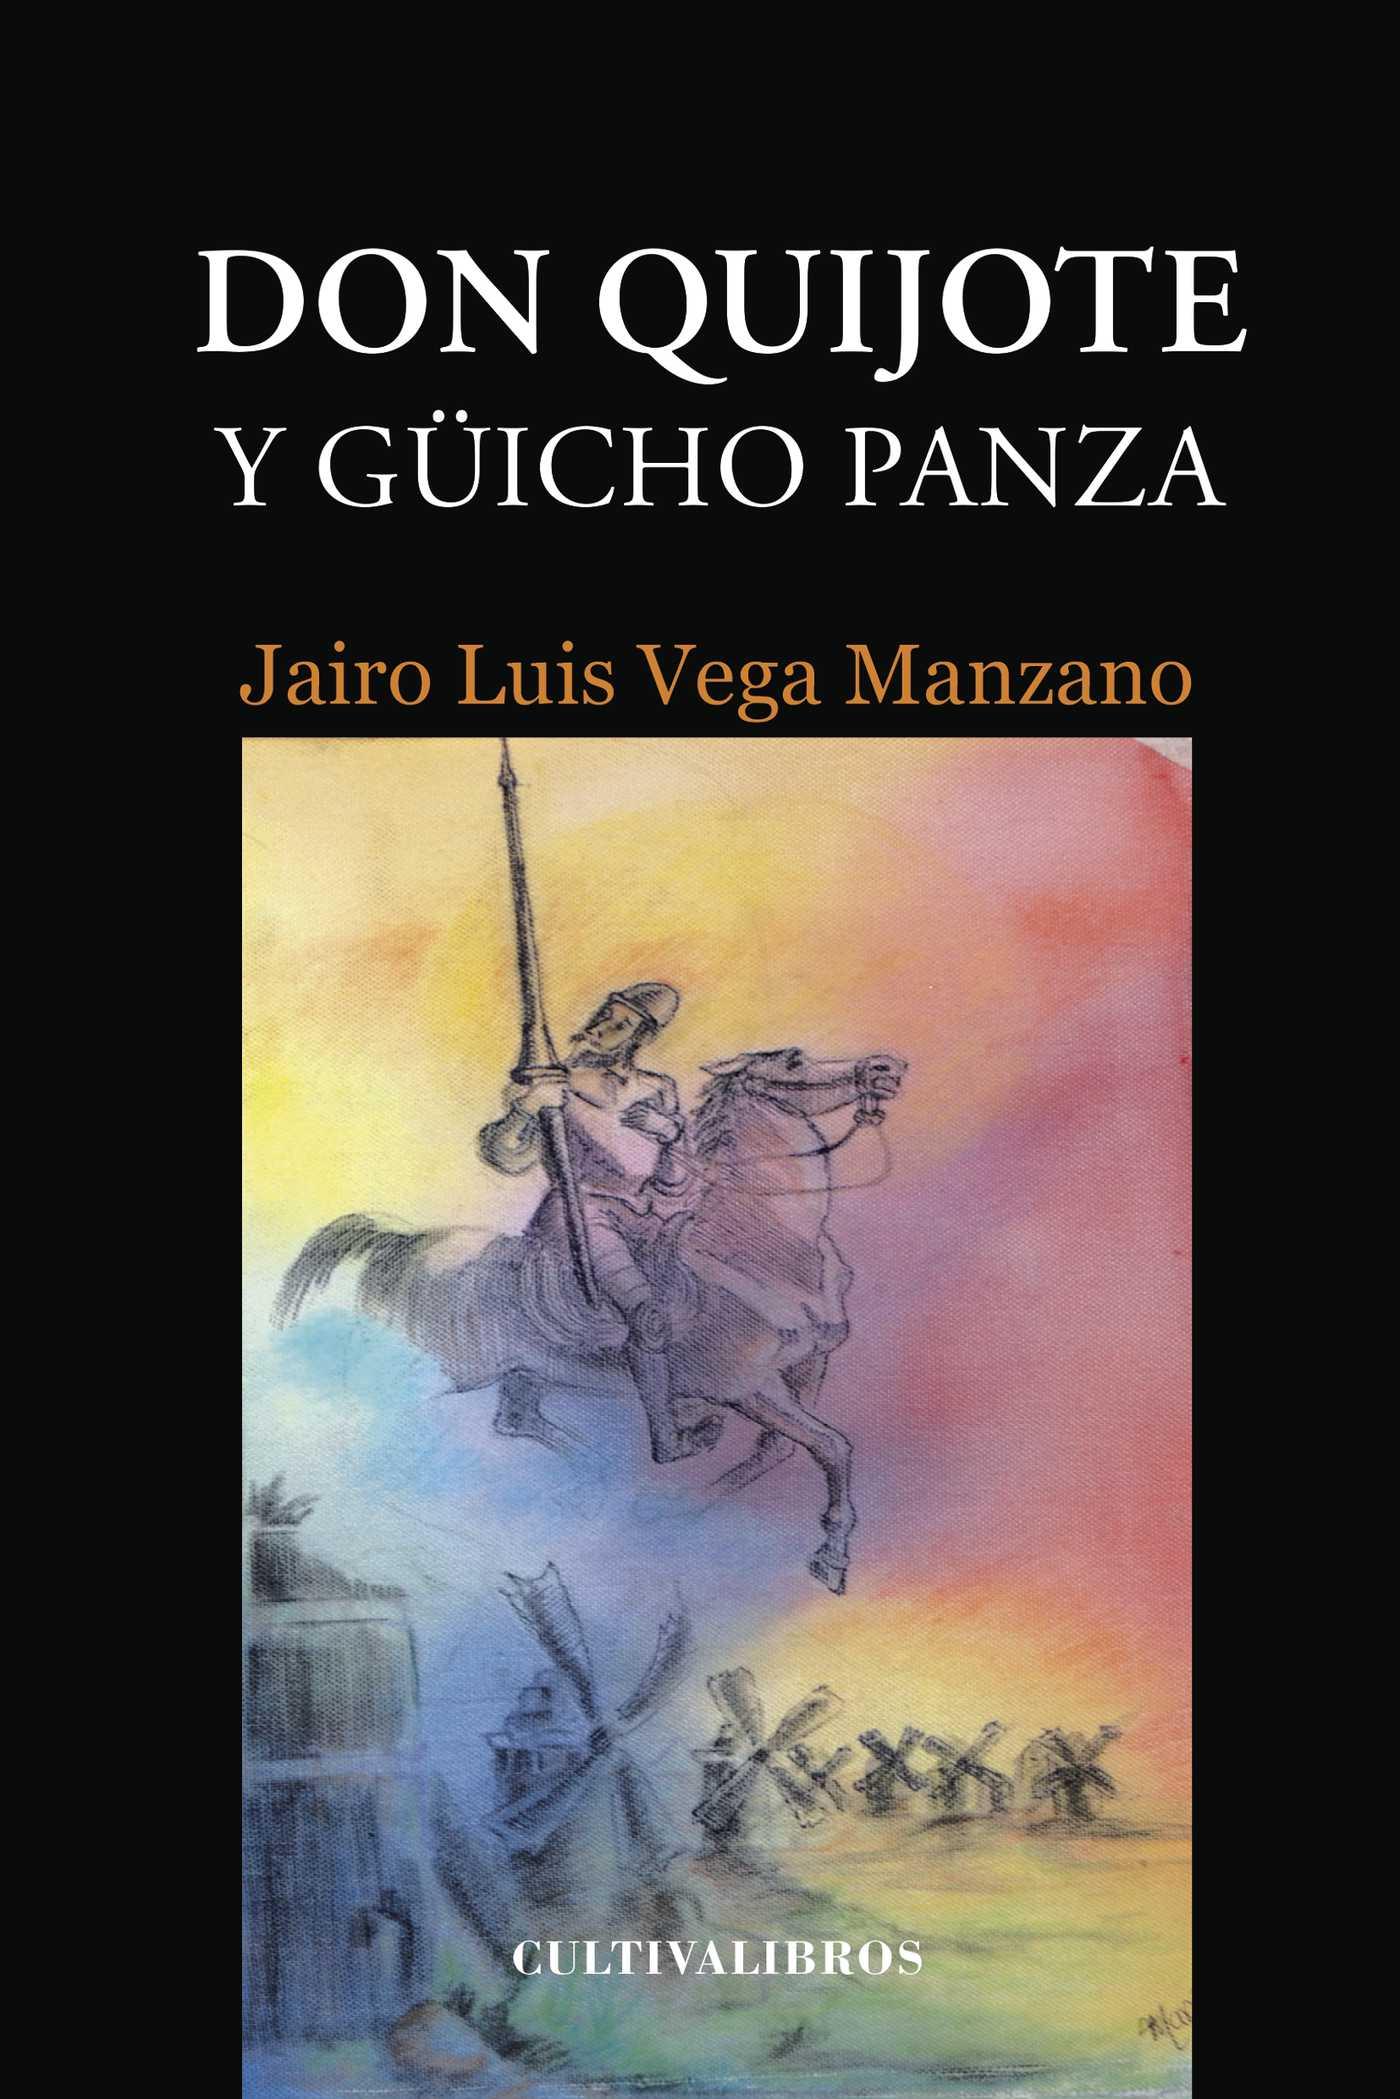 Don Quijote y Guicho Panza